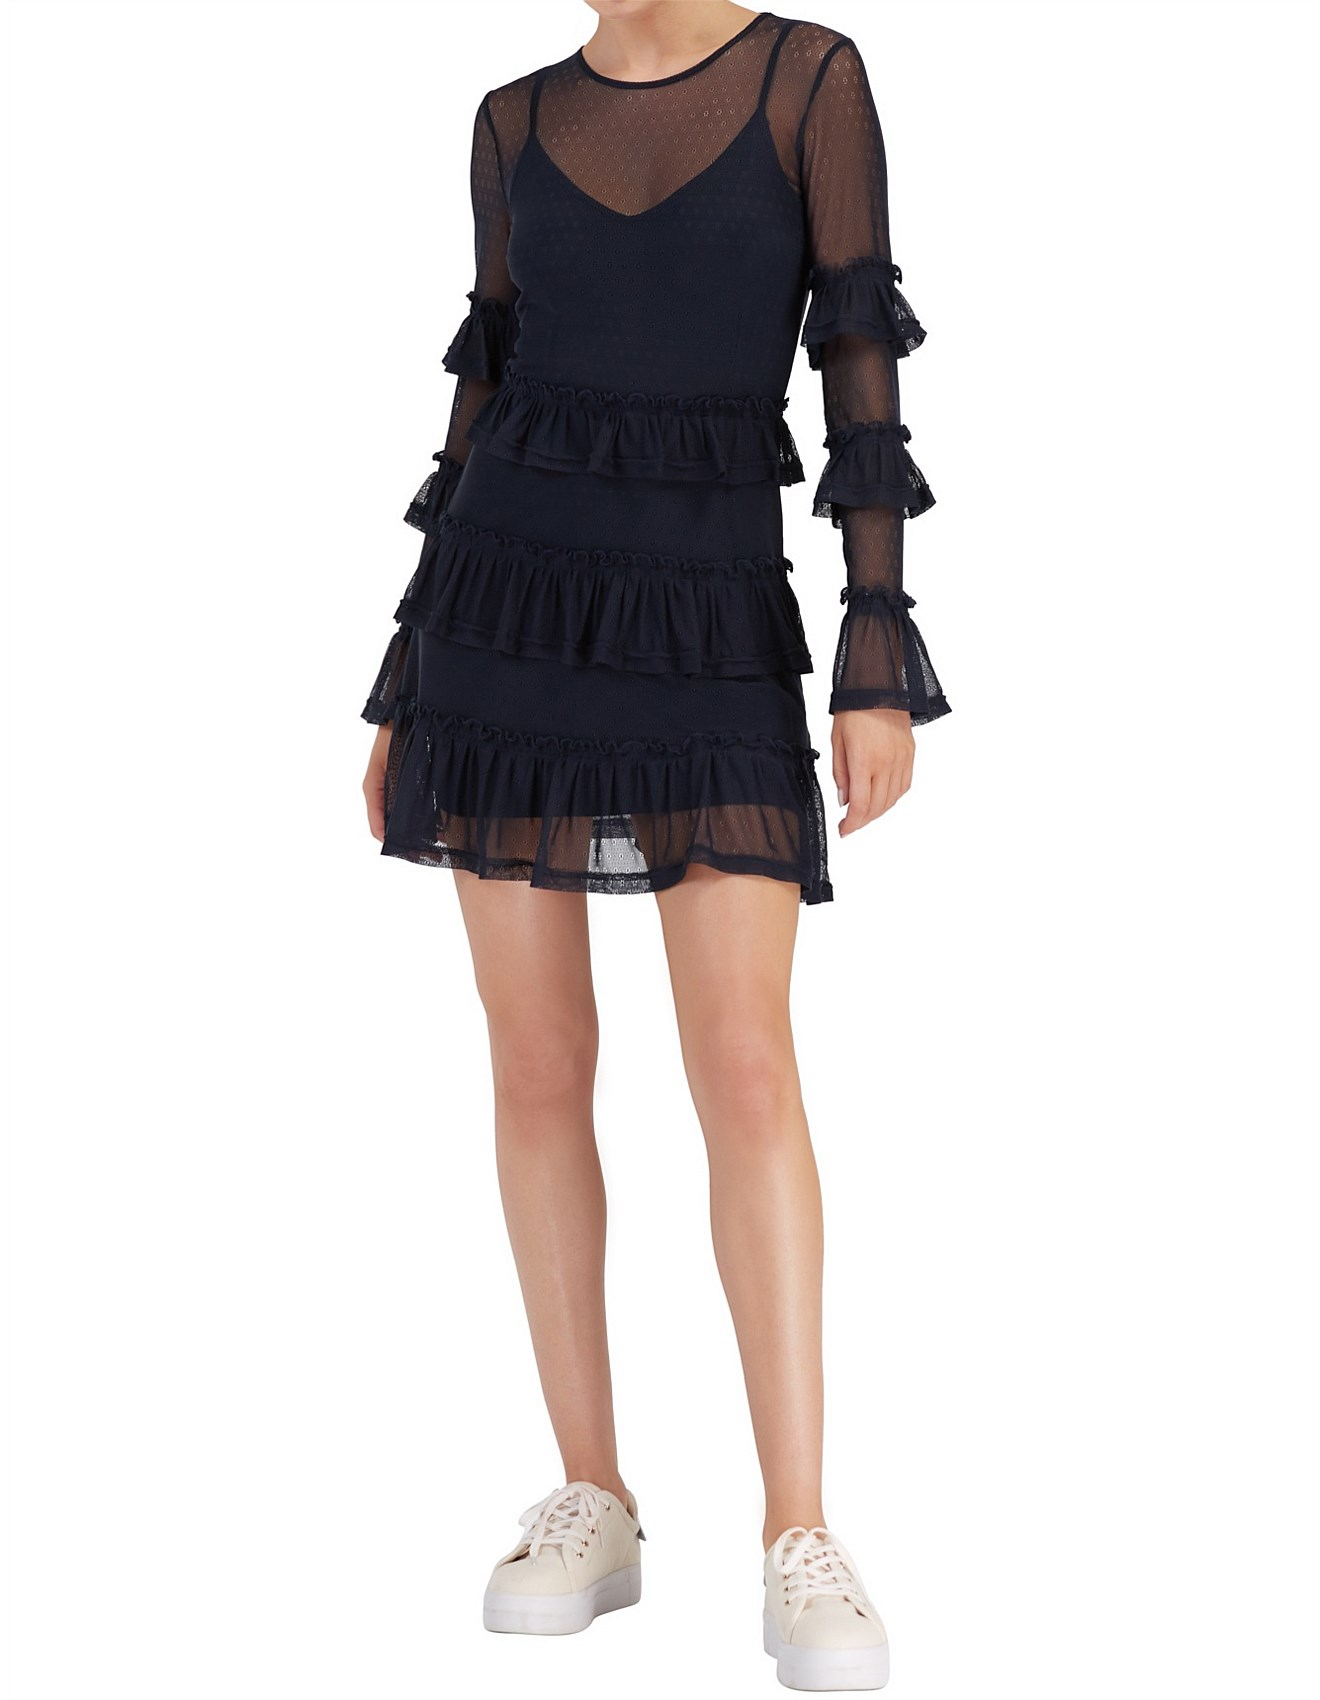 David Jones Designer Dresses Online